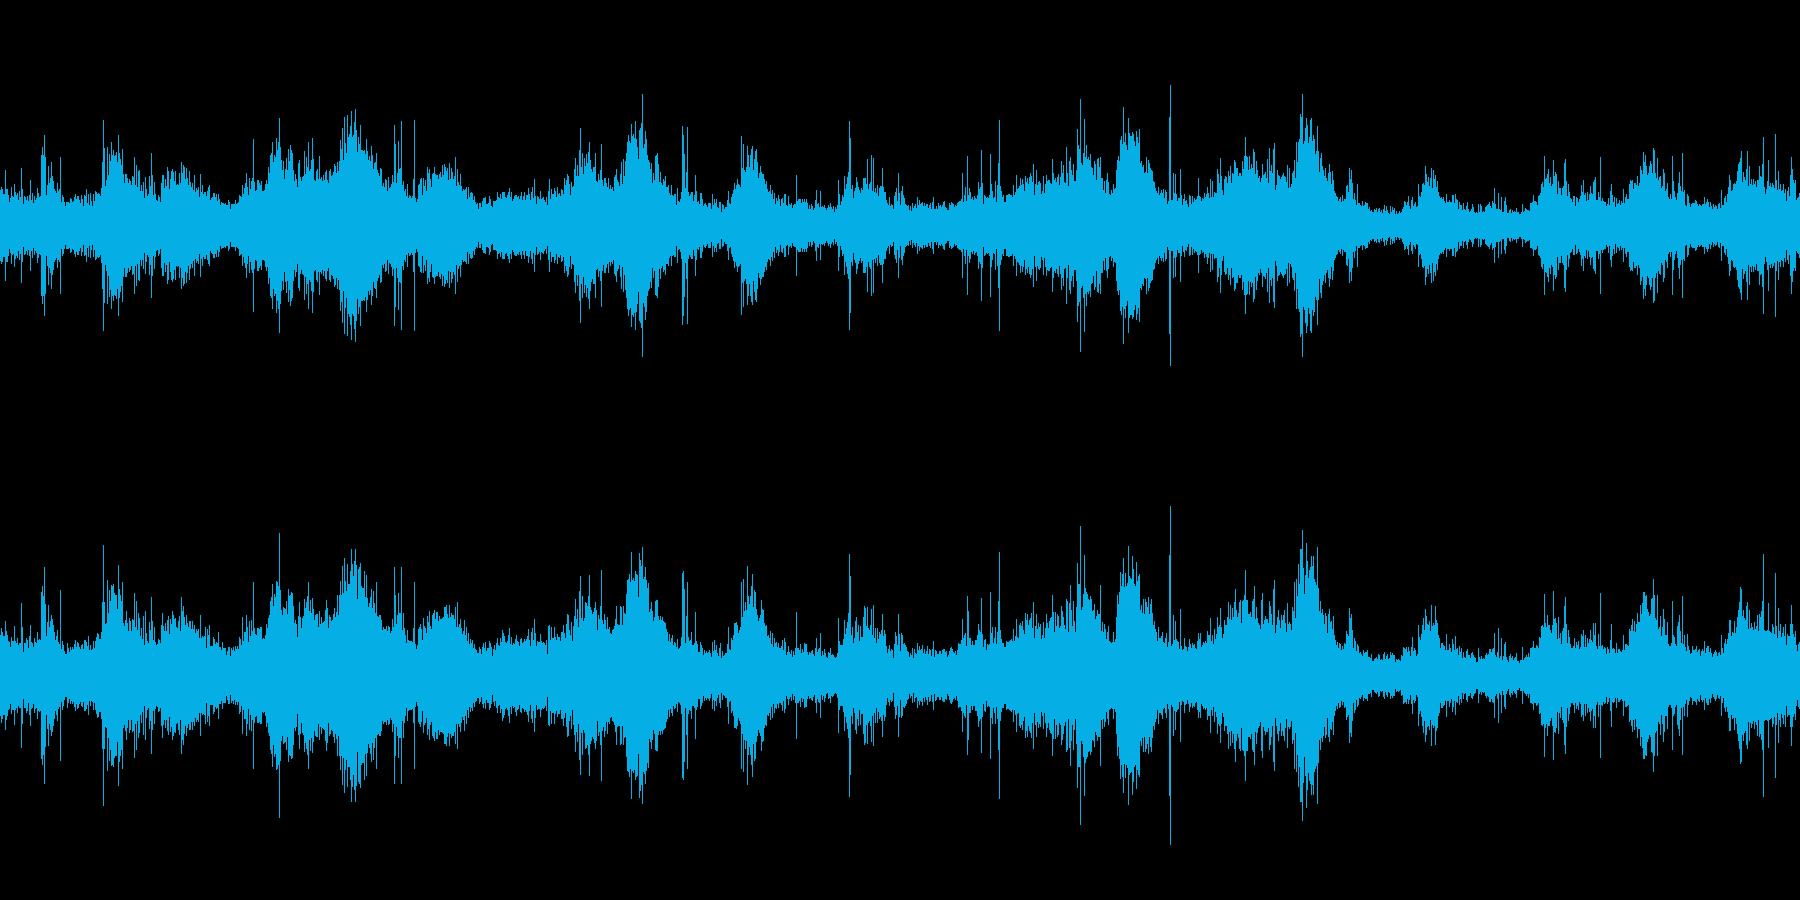 ループ再生・波音・岩場に緩やかに当たる波の再生済みの波形